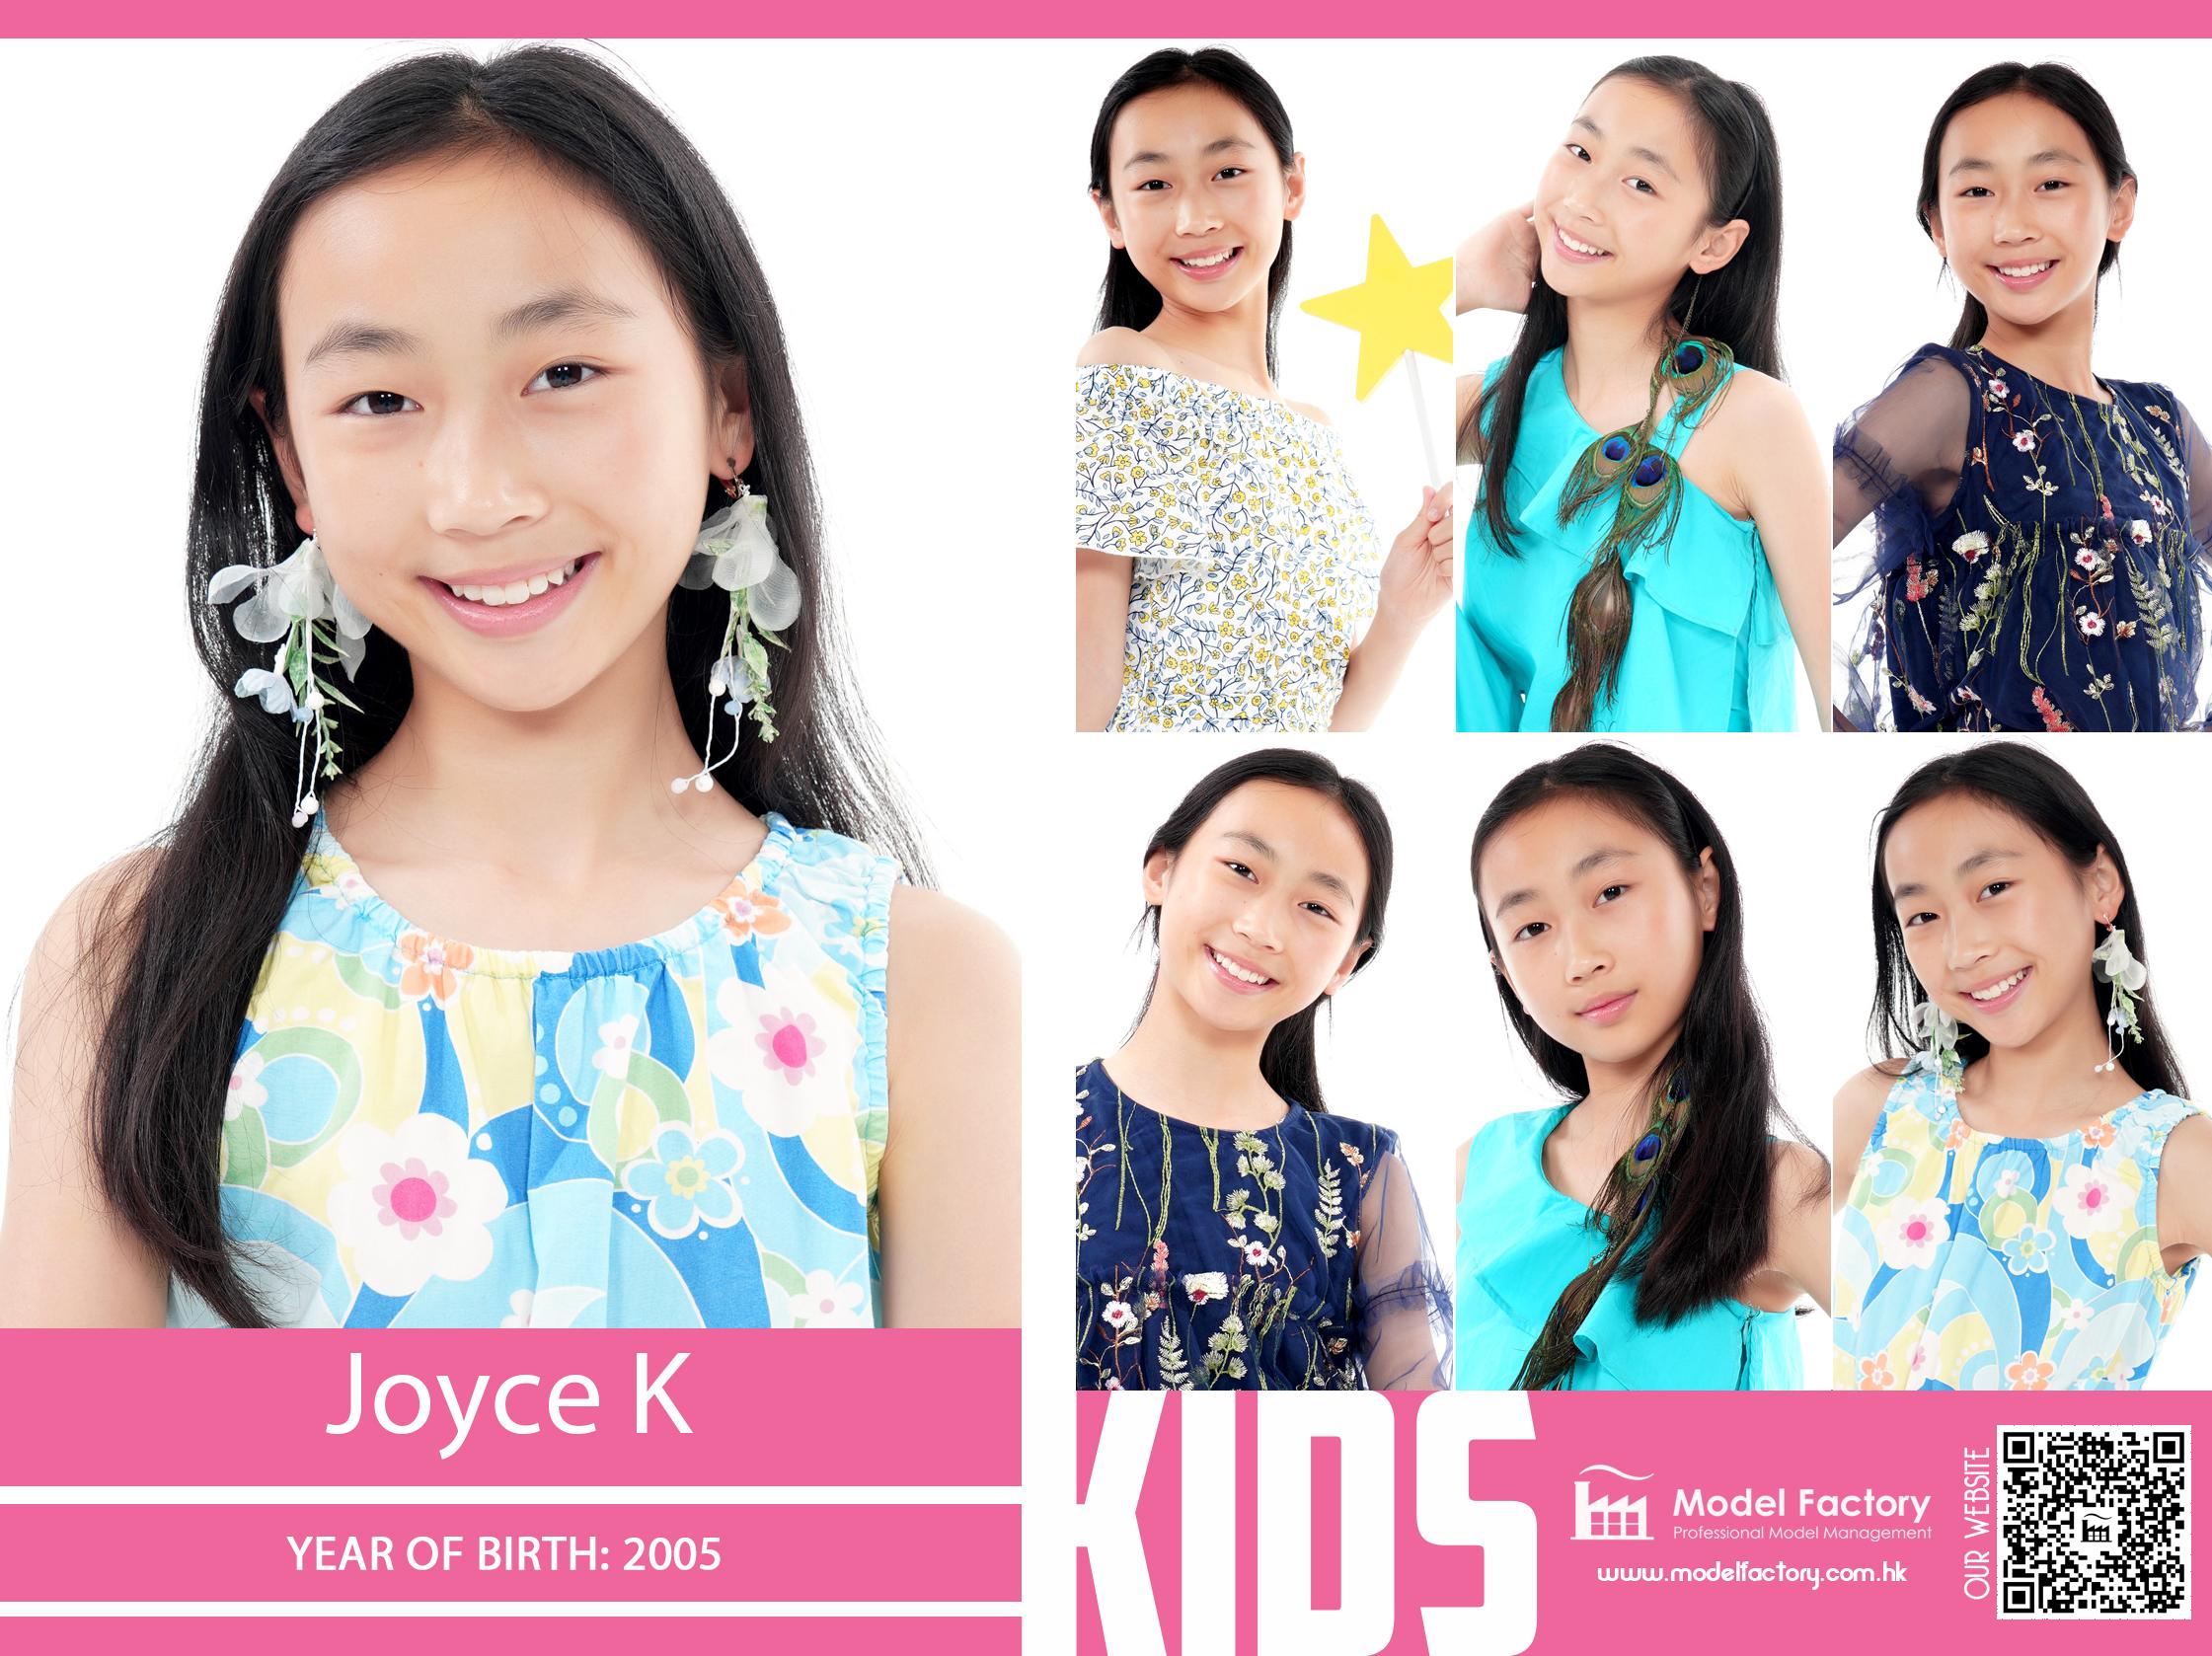 Model Factory Local Kids Model Jocye K